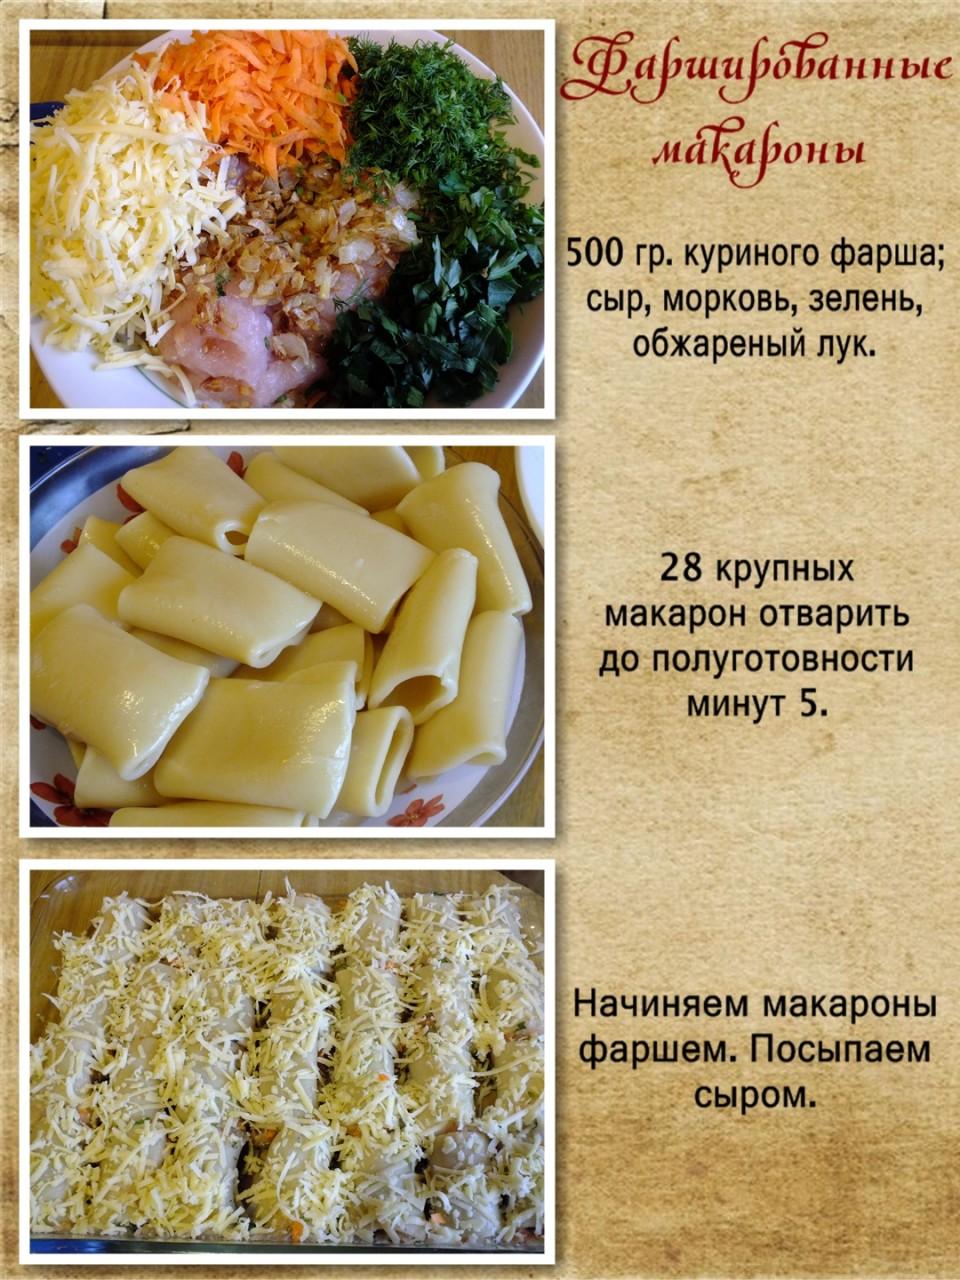 Второе блюдо из макарон рецепты